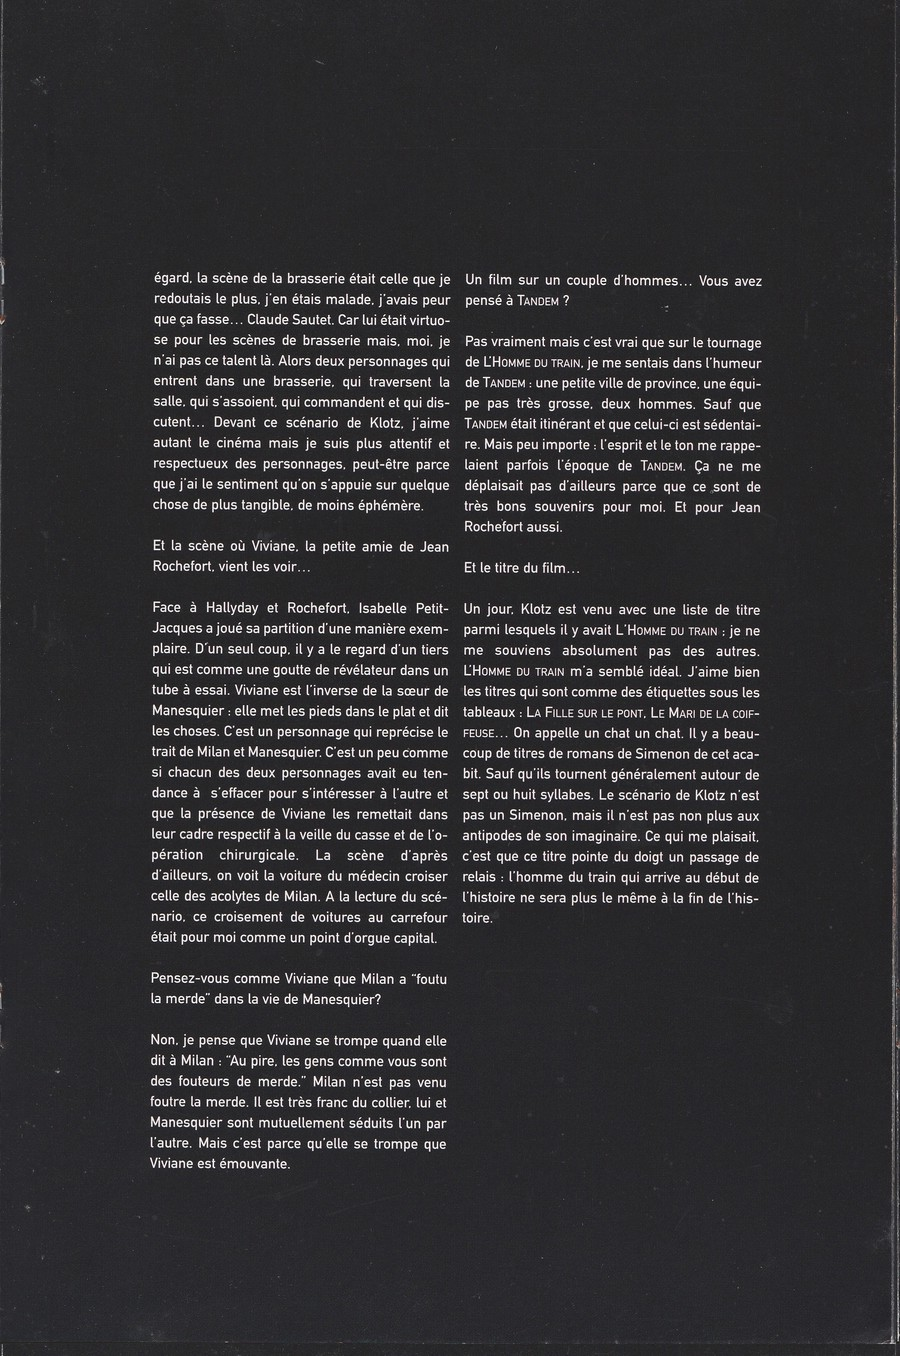 LES FILMS DE JOHNNY 'L'HOMME DU TRAIN' 2002 Img_2747